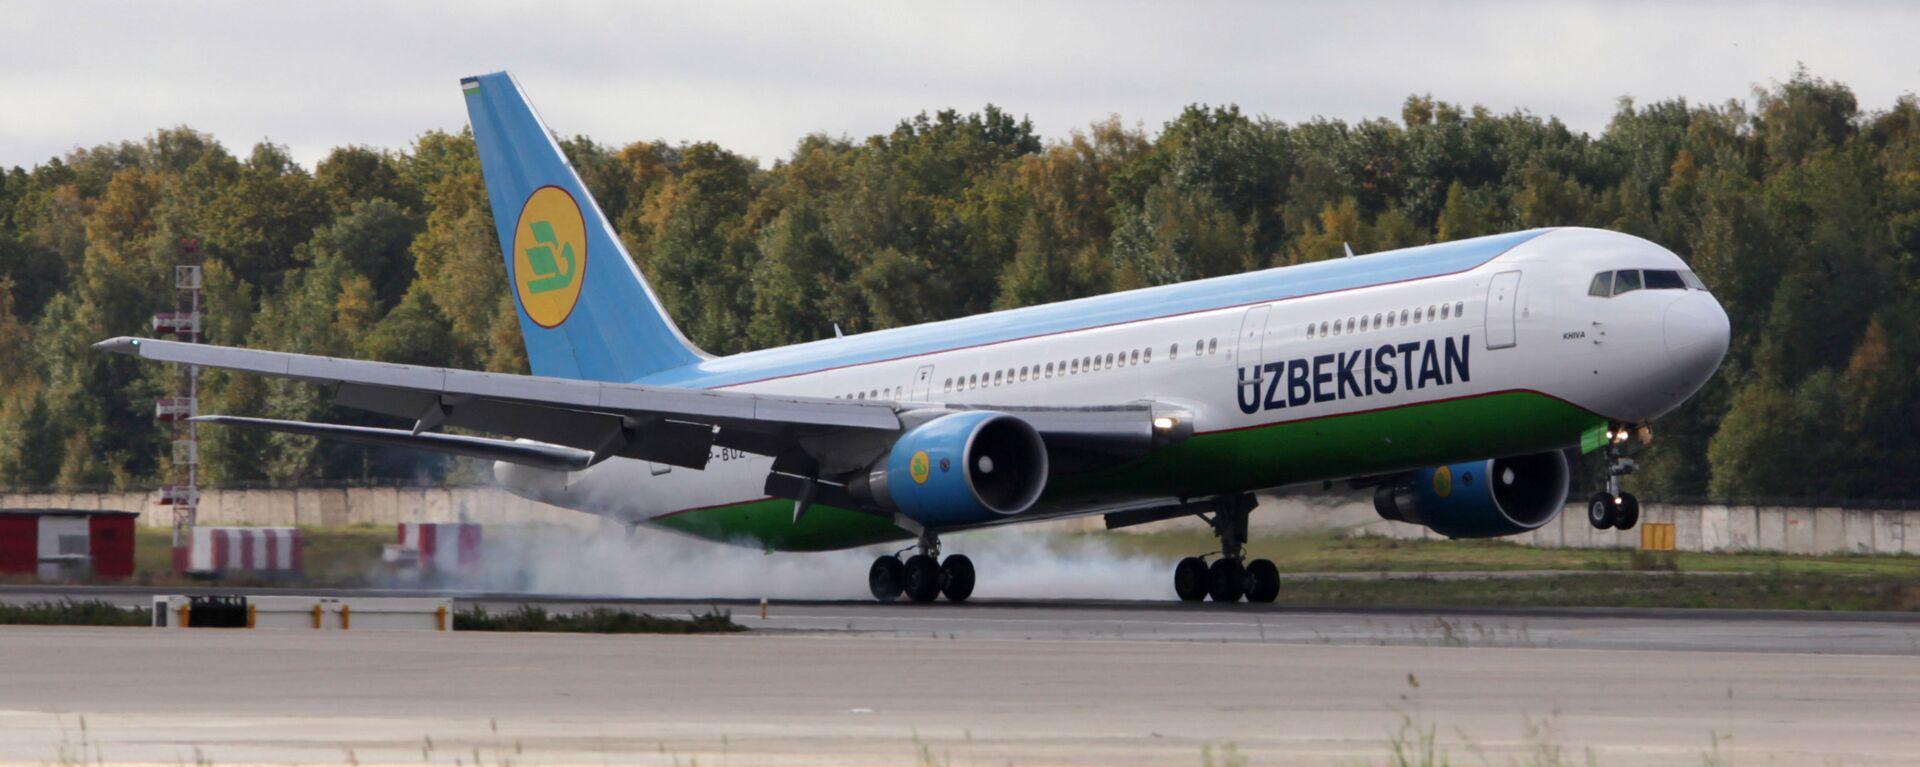 Boing-767 aviakompanii Uzbekistan Airways - Sputnik Oʻzbekiston, 1920, 07.09.2021